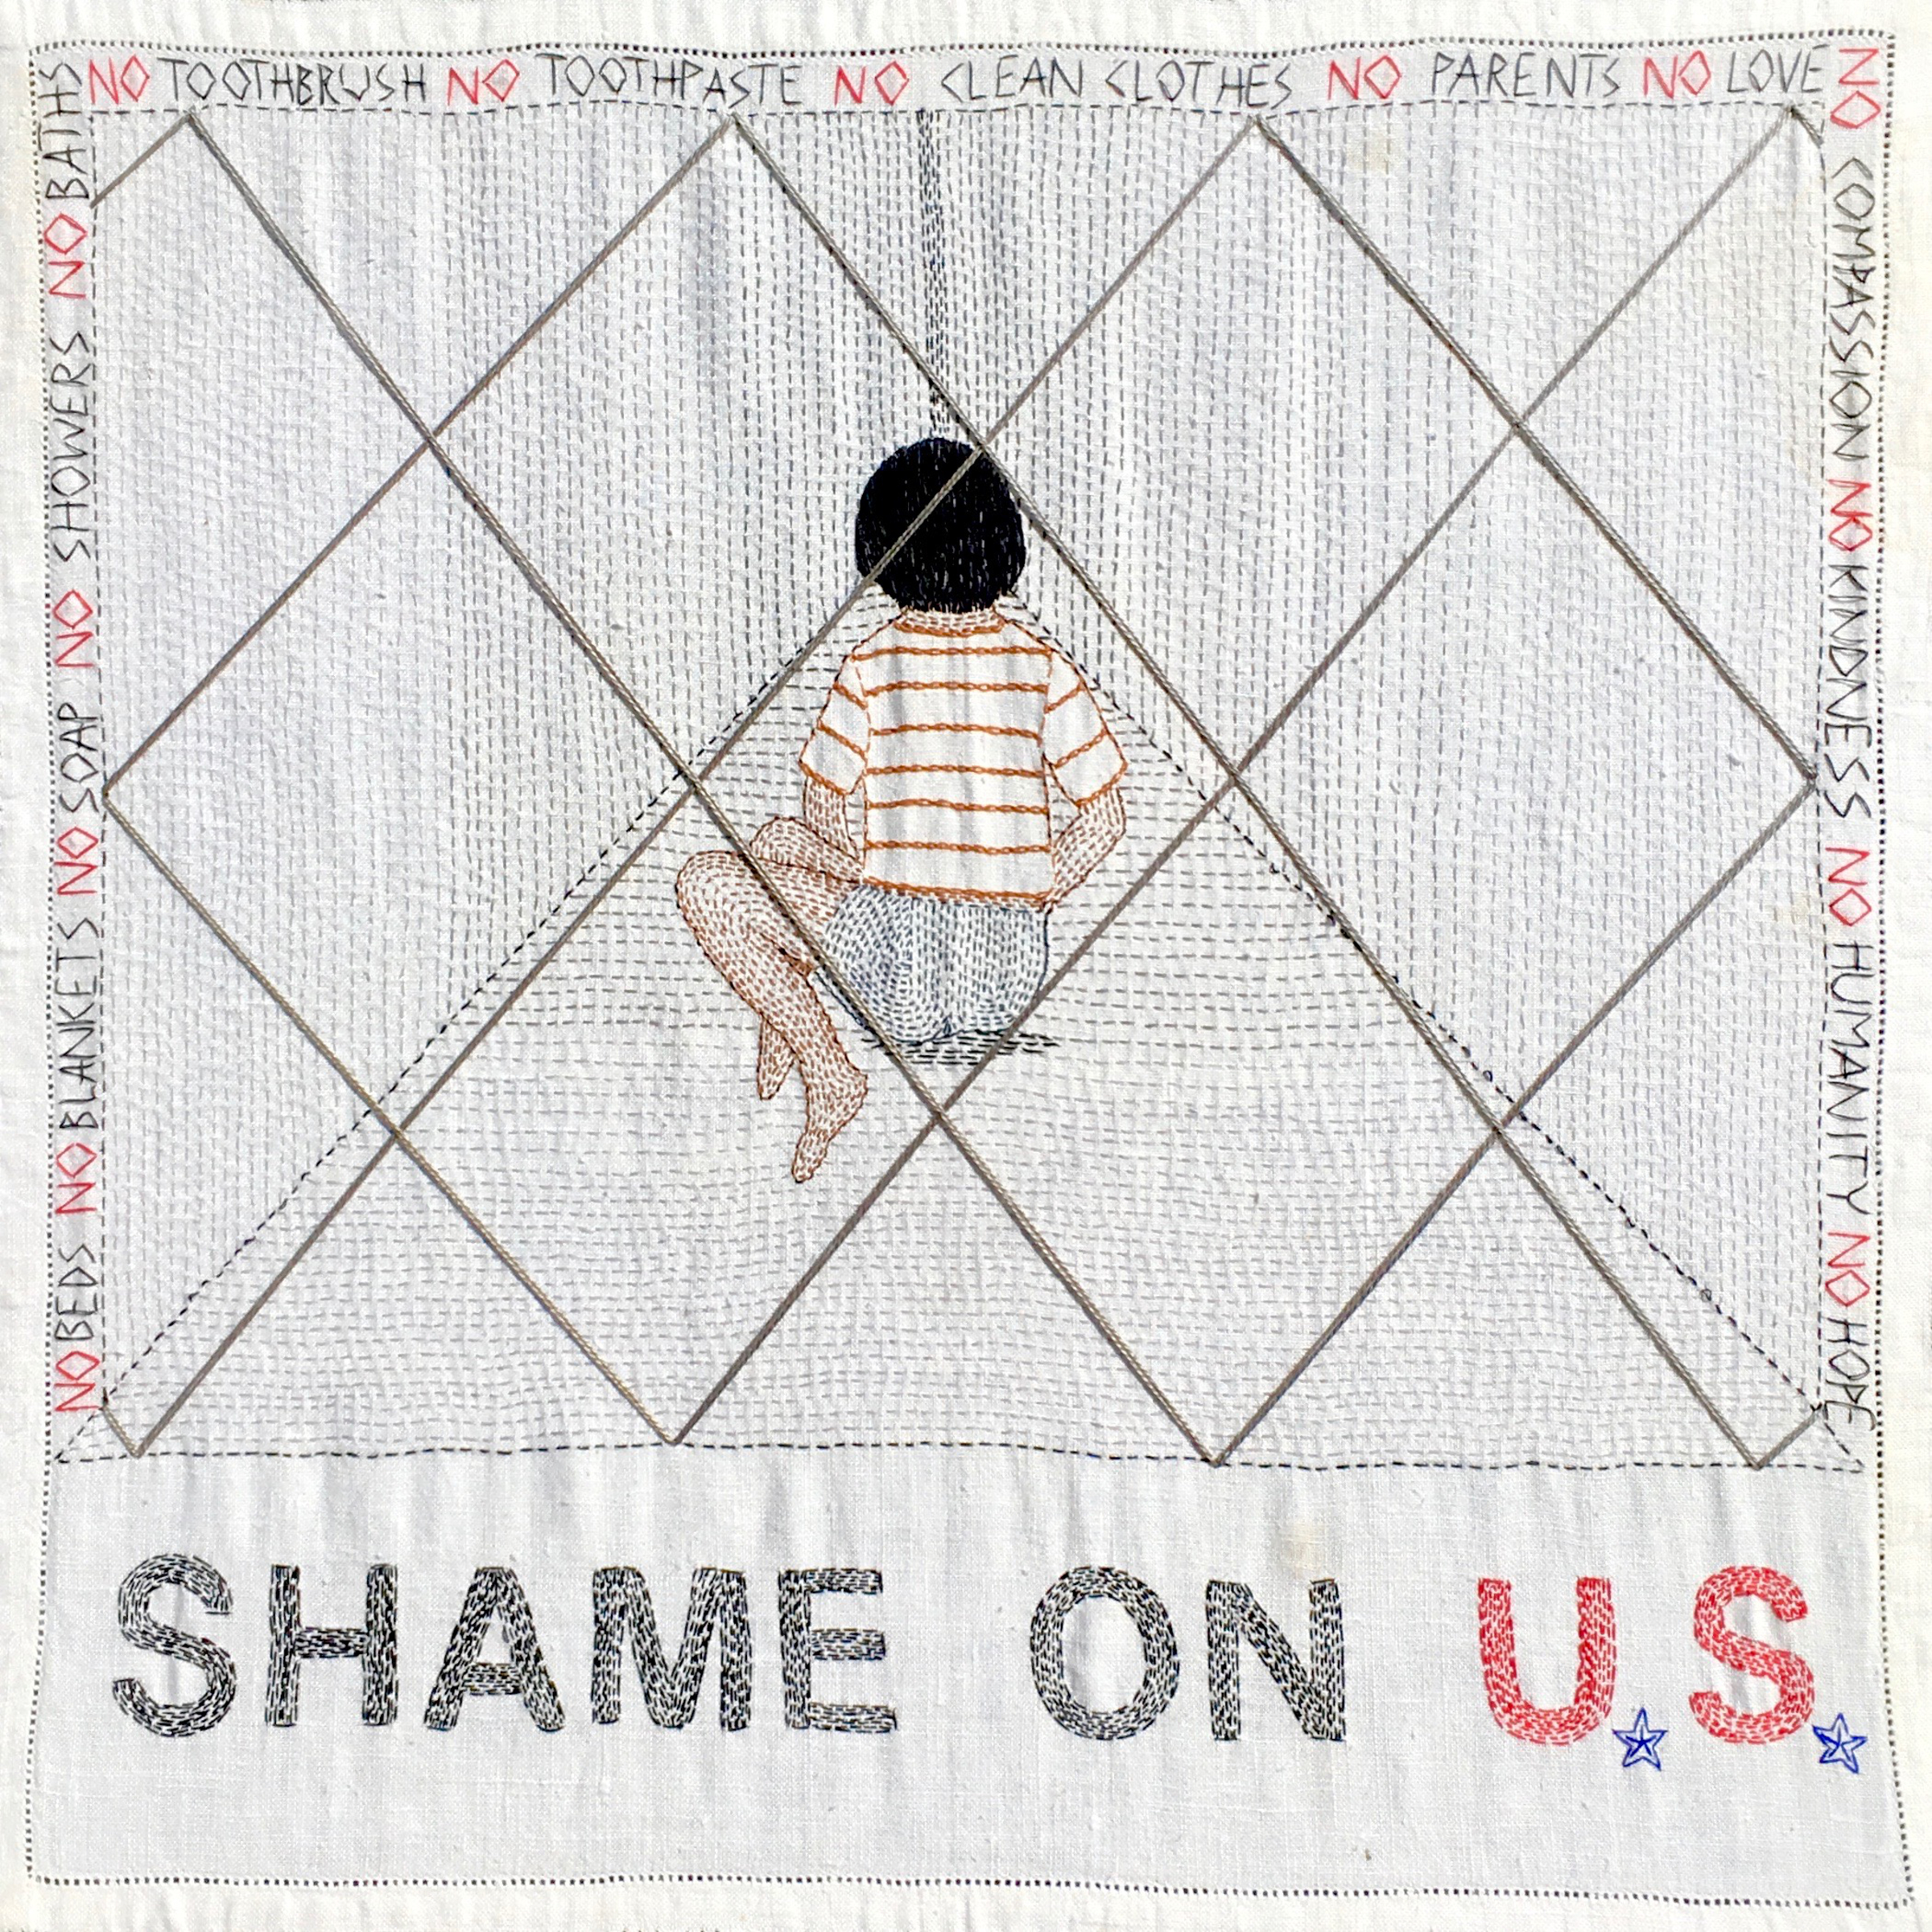 """""""Shame on U.S."""" Hand embroidery on vintage cloth. India Tresselt, 2019"""